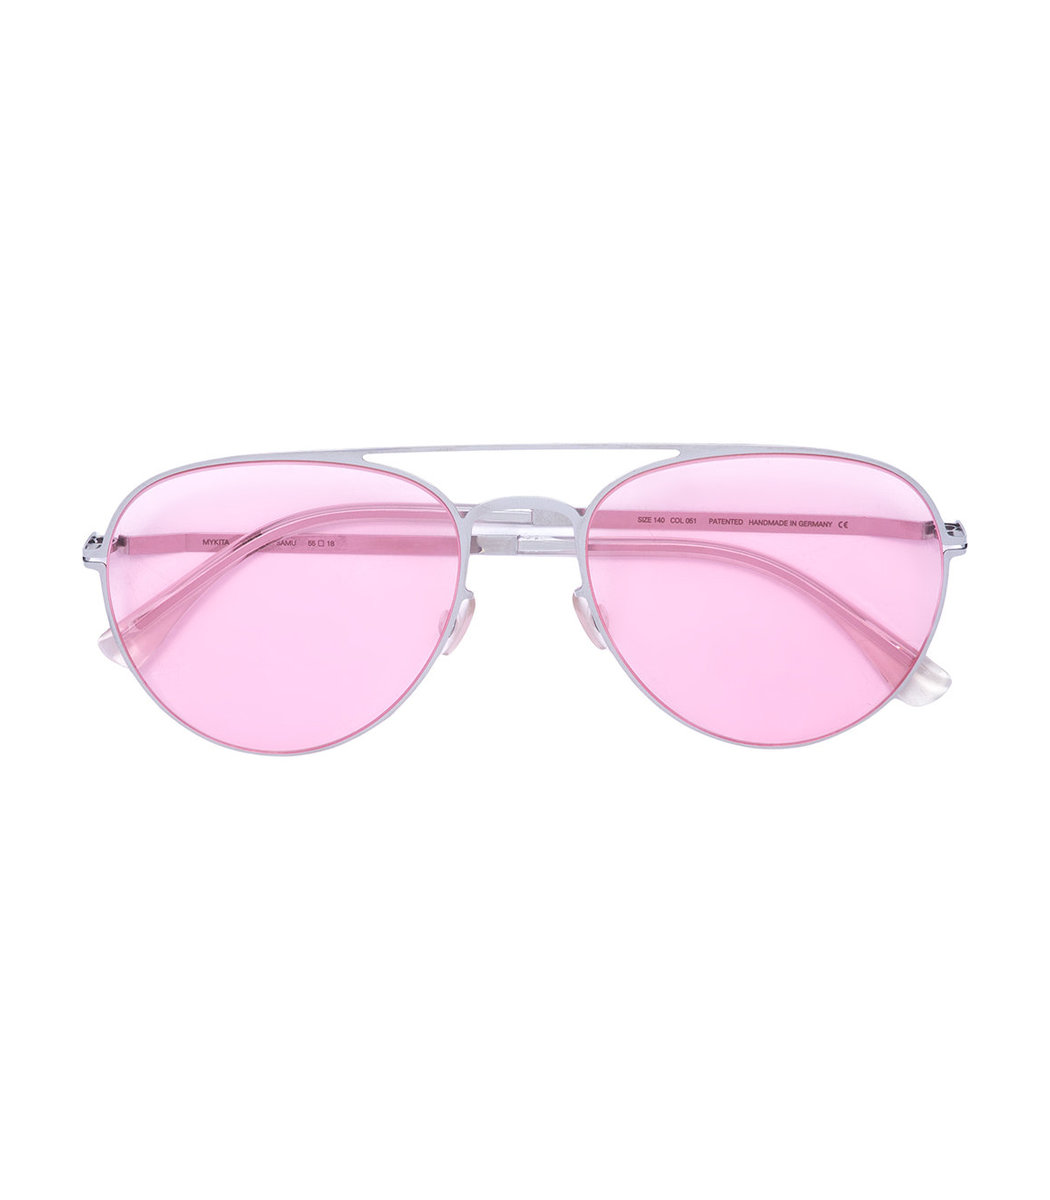 Mykita Pink Aviator Sunglasses